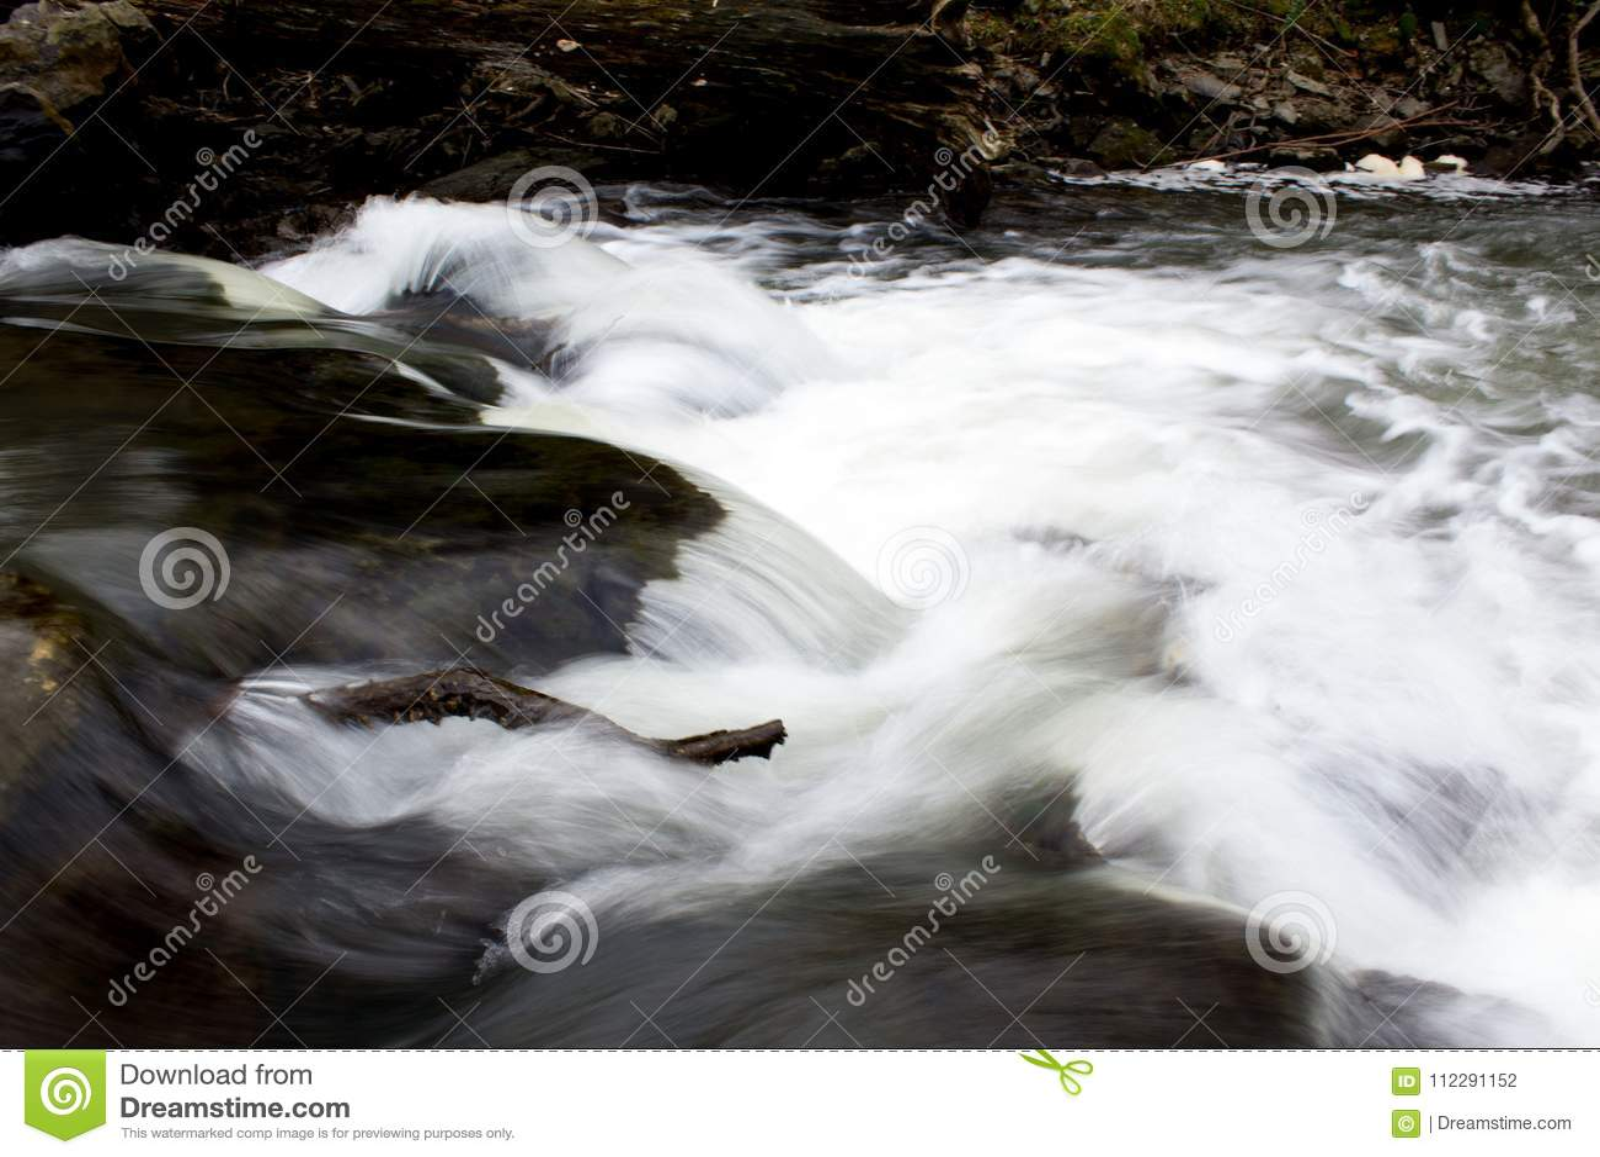 Den vita kristallklara flodströmmen som över rusar, vaggar